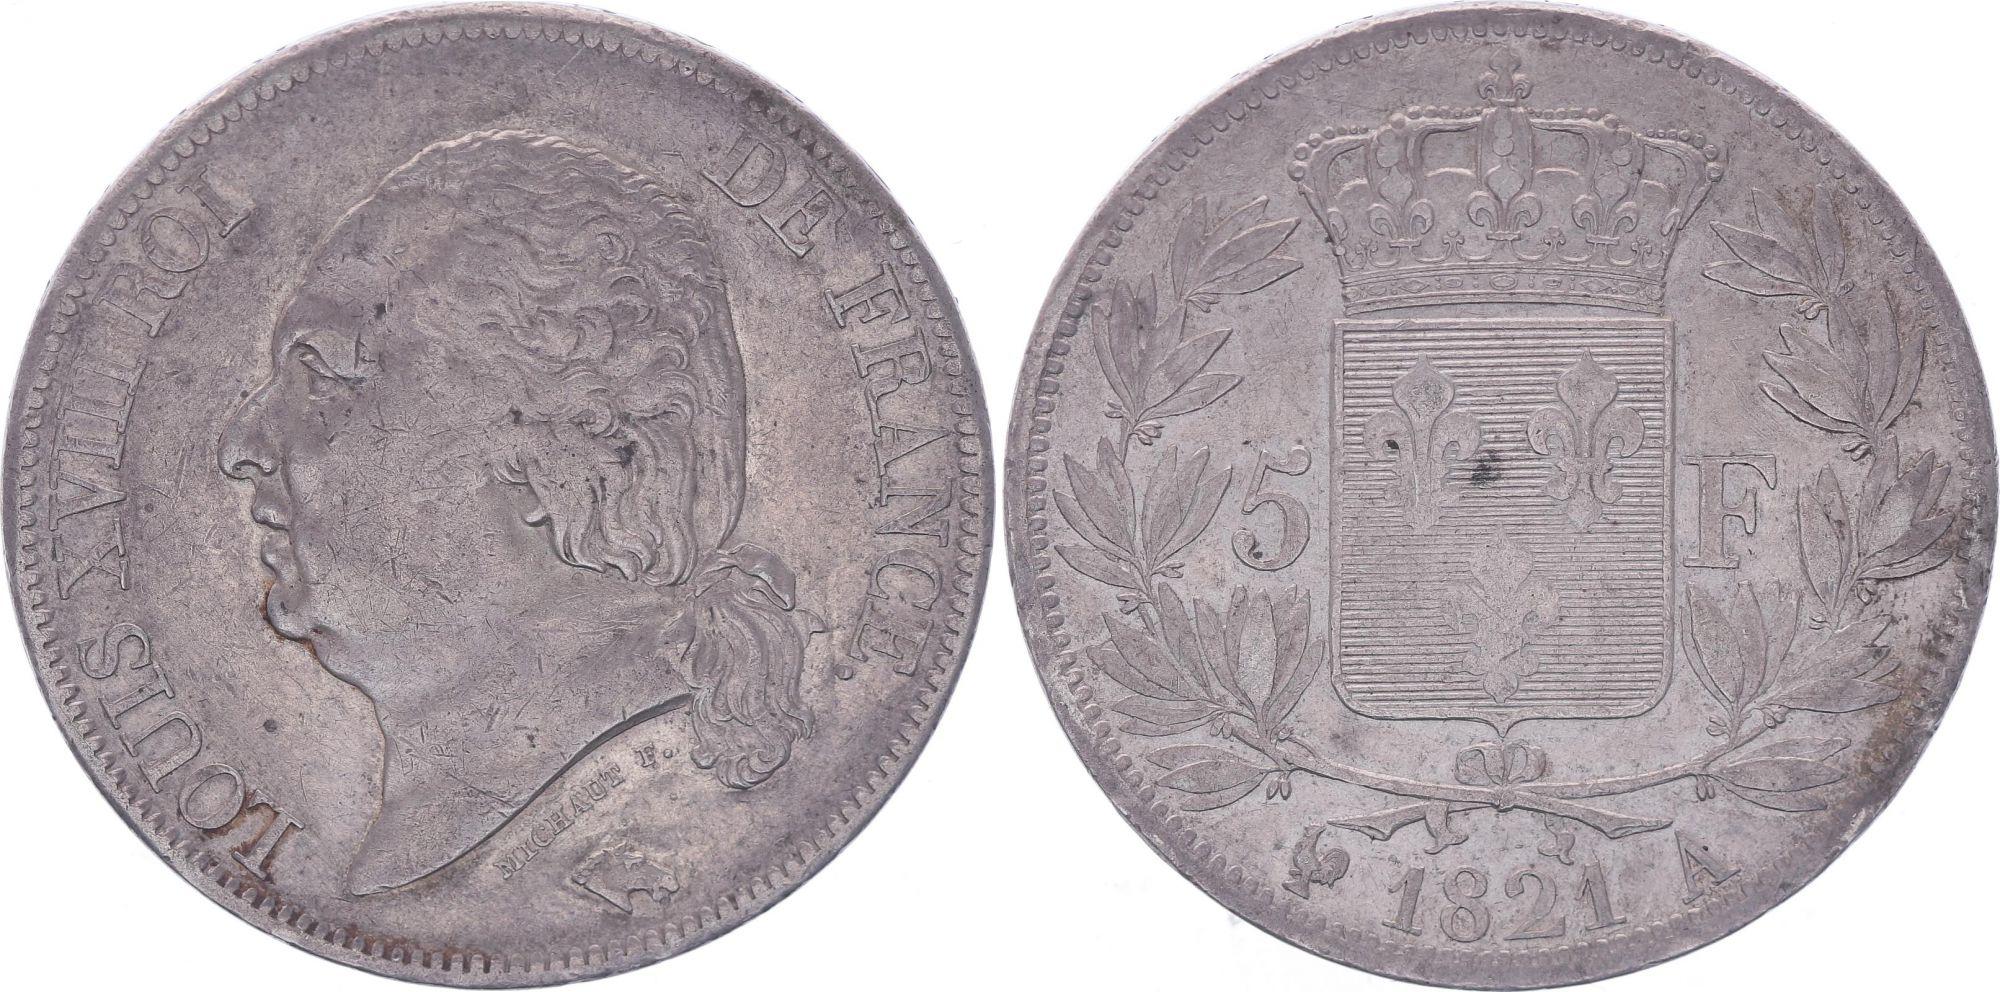 France 5 Francs Louis XVIII - Buste nu - 1821 A Paris - TB+